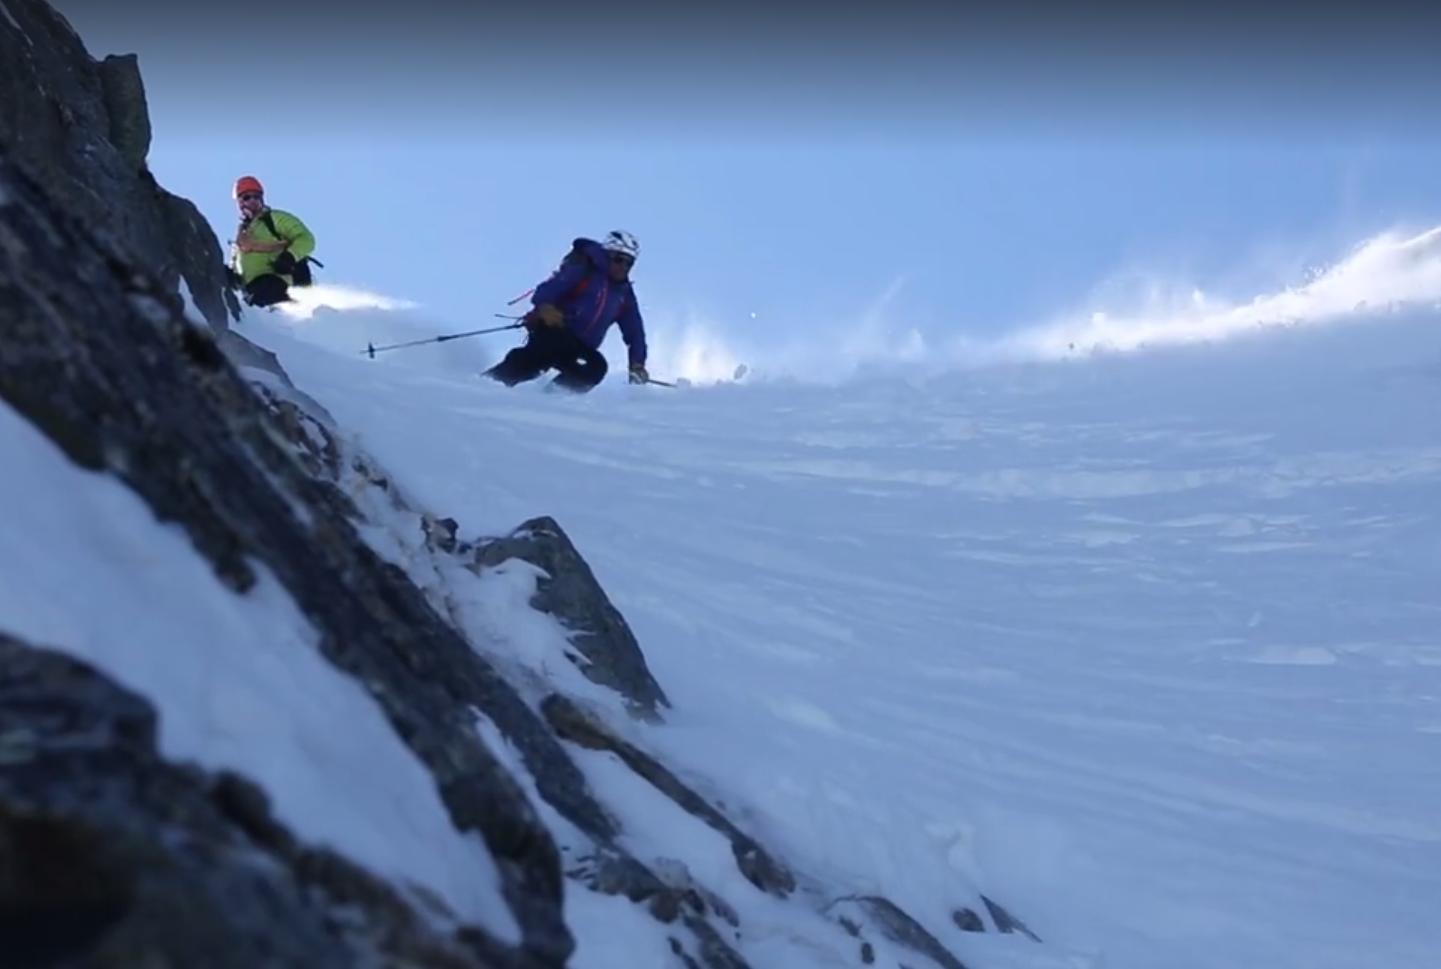 Skyfjord le film, à la découverte du Finnmark en ski !